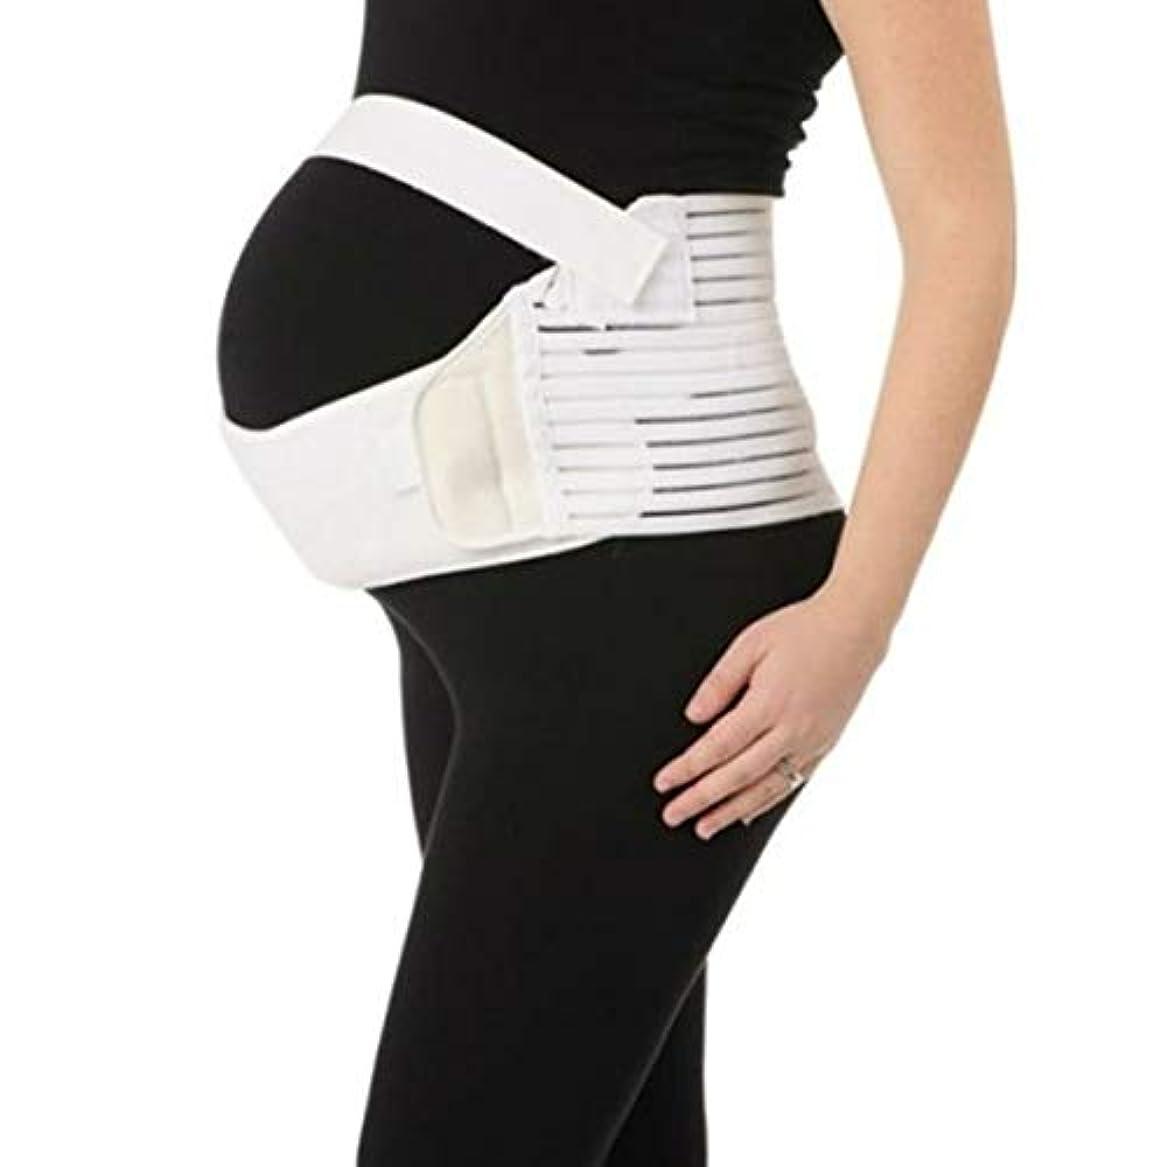 アライメントバナナ泳ぐ通気性産科ベルト妊娠腹部サポート腹部バインダーガードル運動包帯産後の回復形状ウェア - ホワイトM